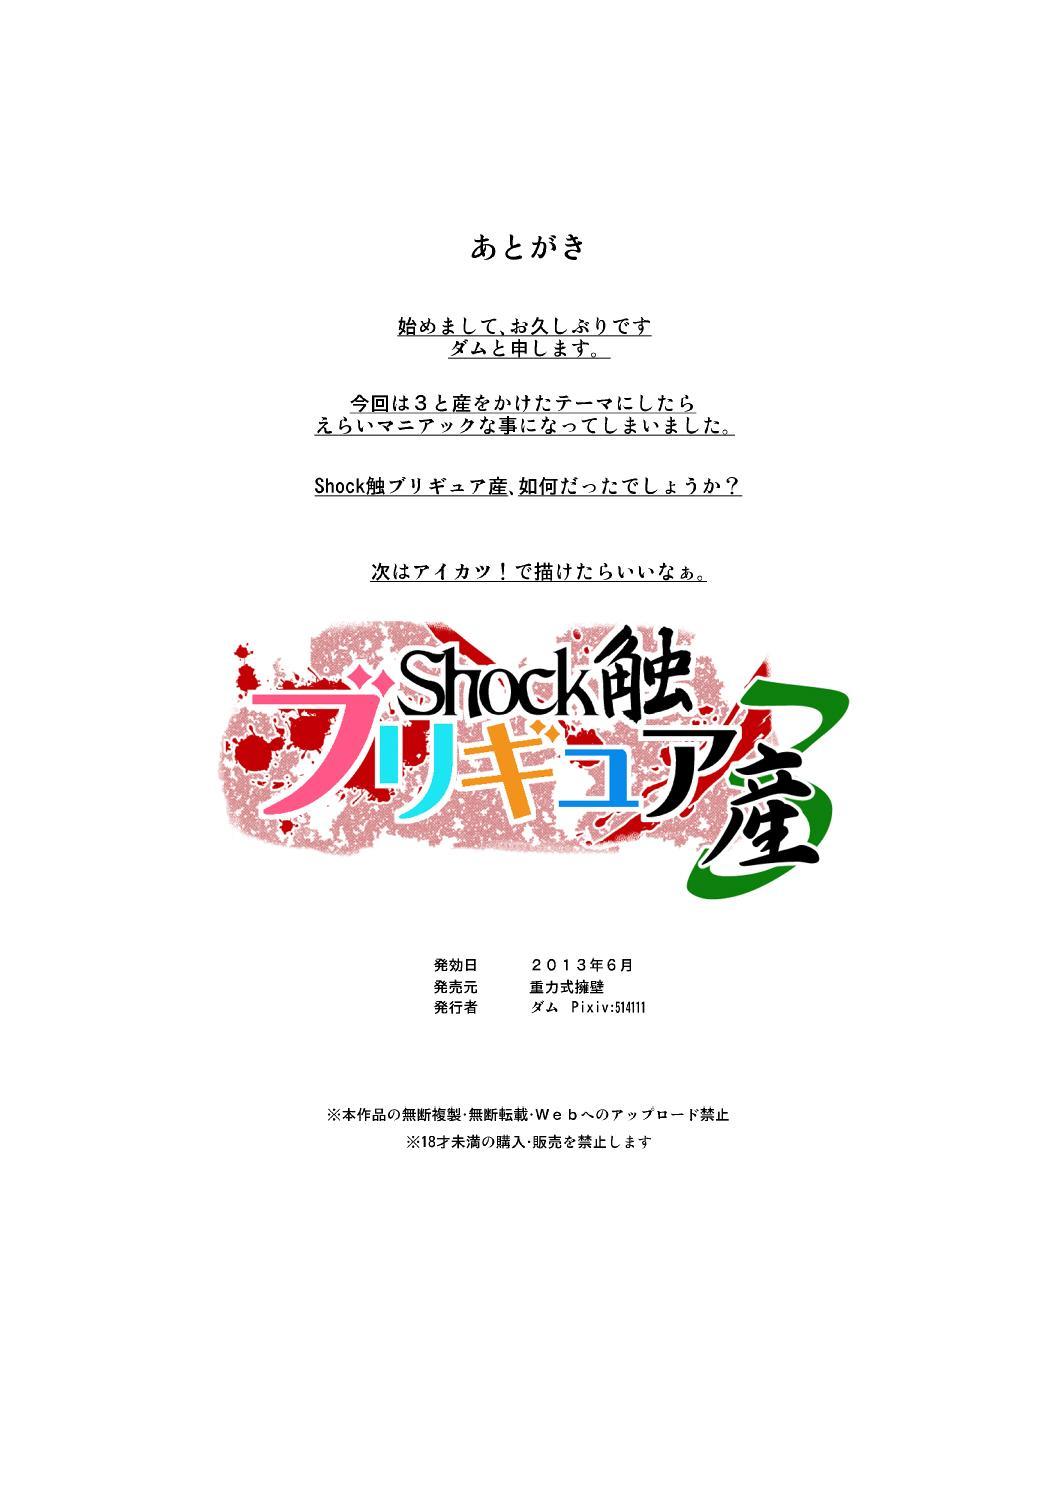 Shock Shoku Burigyua San 82